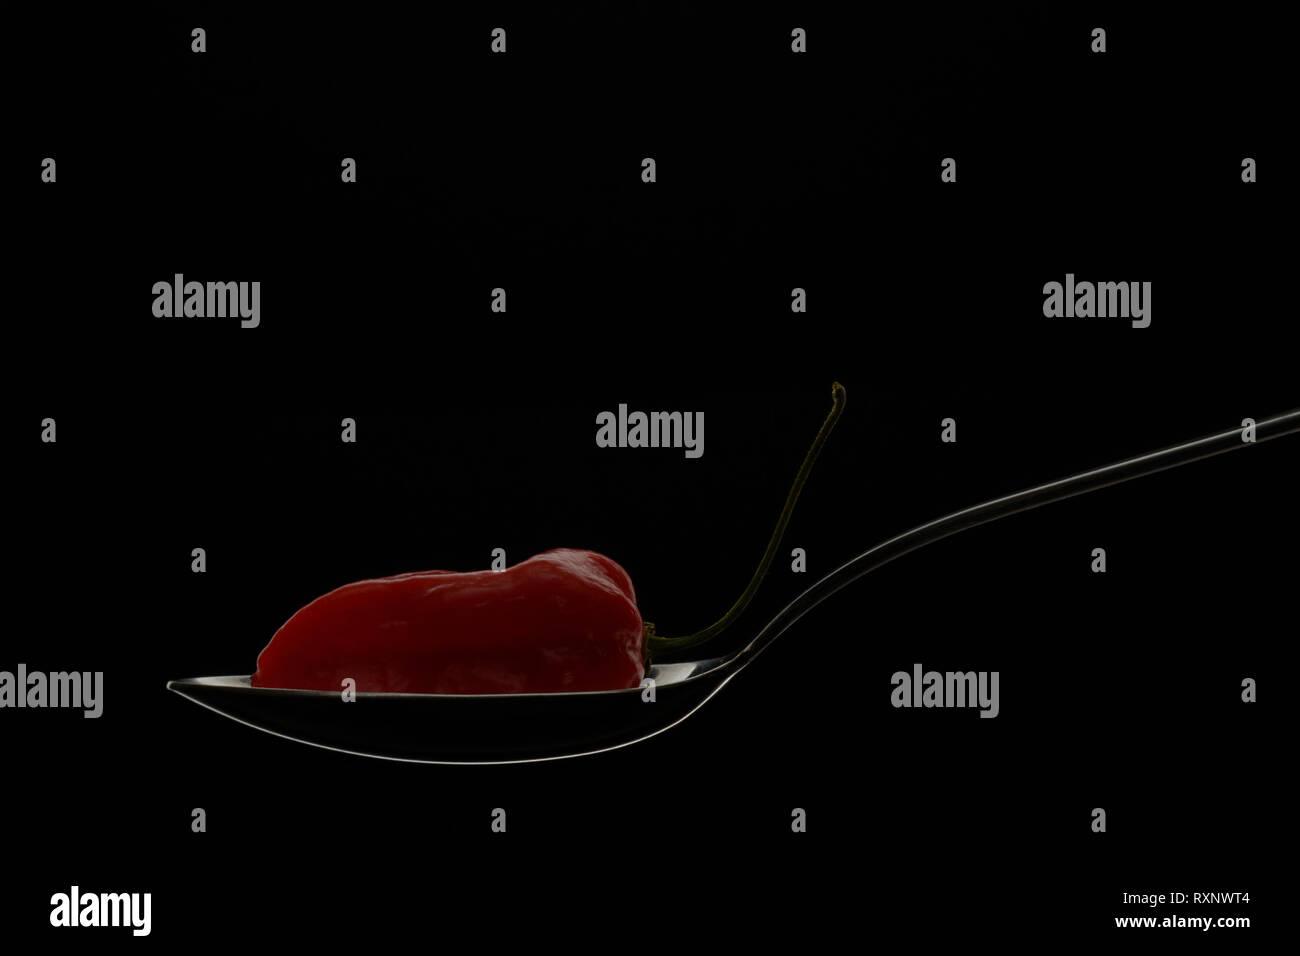 Seul isolé de Komodo red hot pepper positionné sur décrites dans lumière rougeoyante cuillère sur fond noir,modernes food cooking concept. Photo Stock